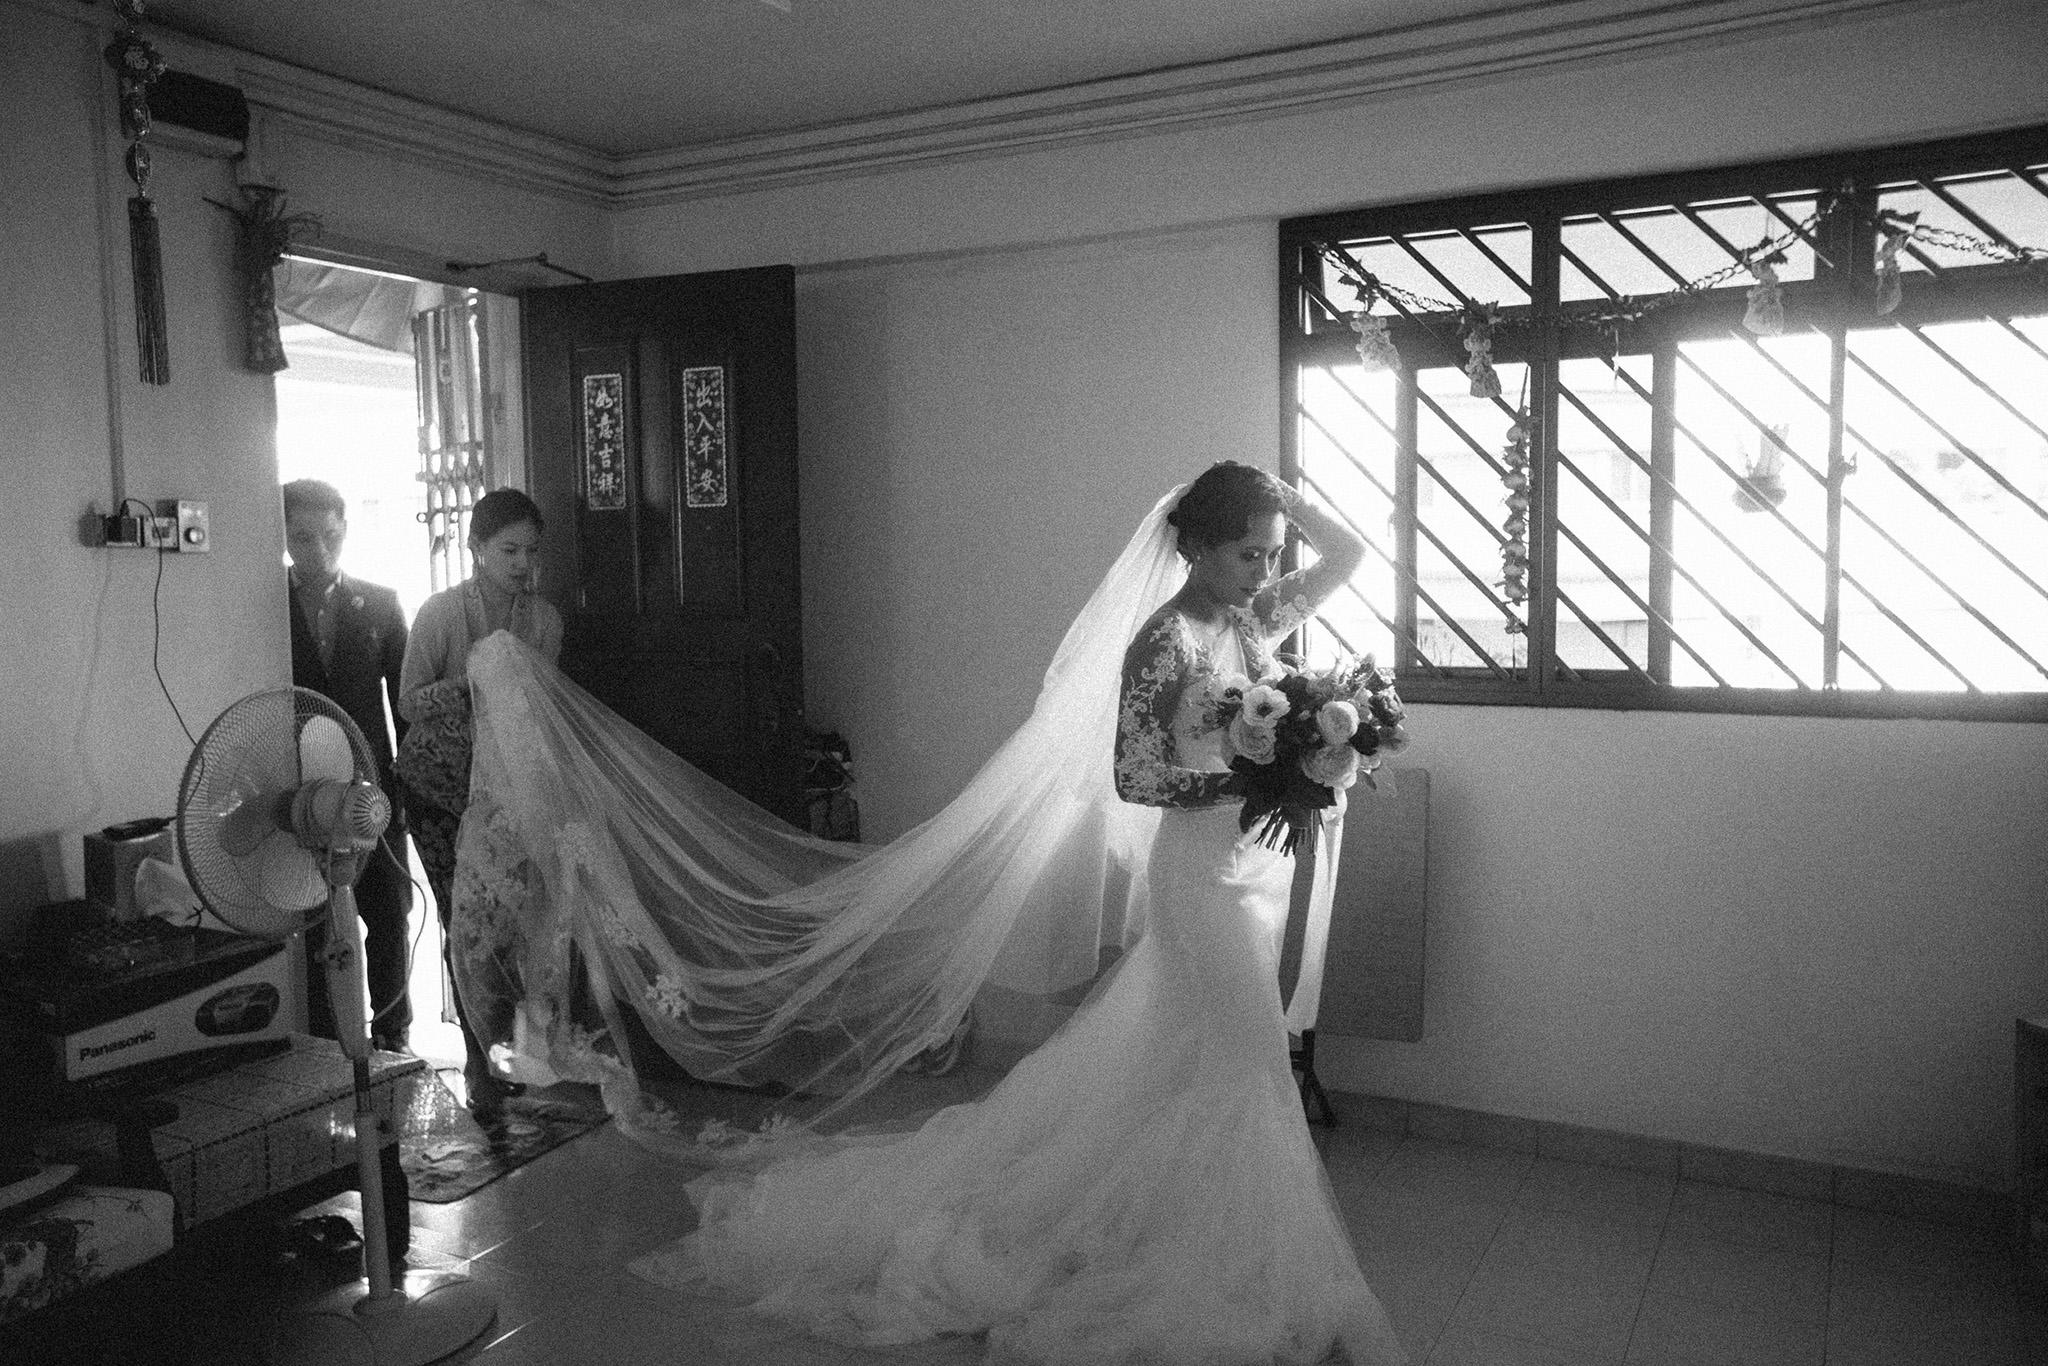 singapore-wedding-photographer-wemadethese-favourites-003.jpg